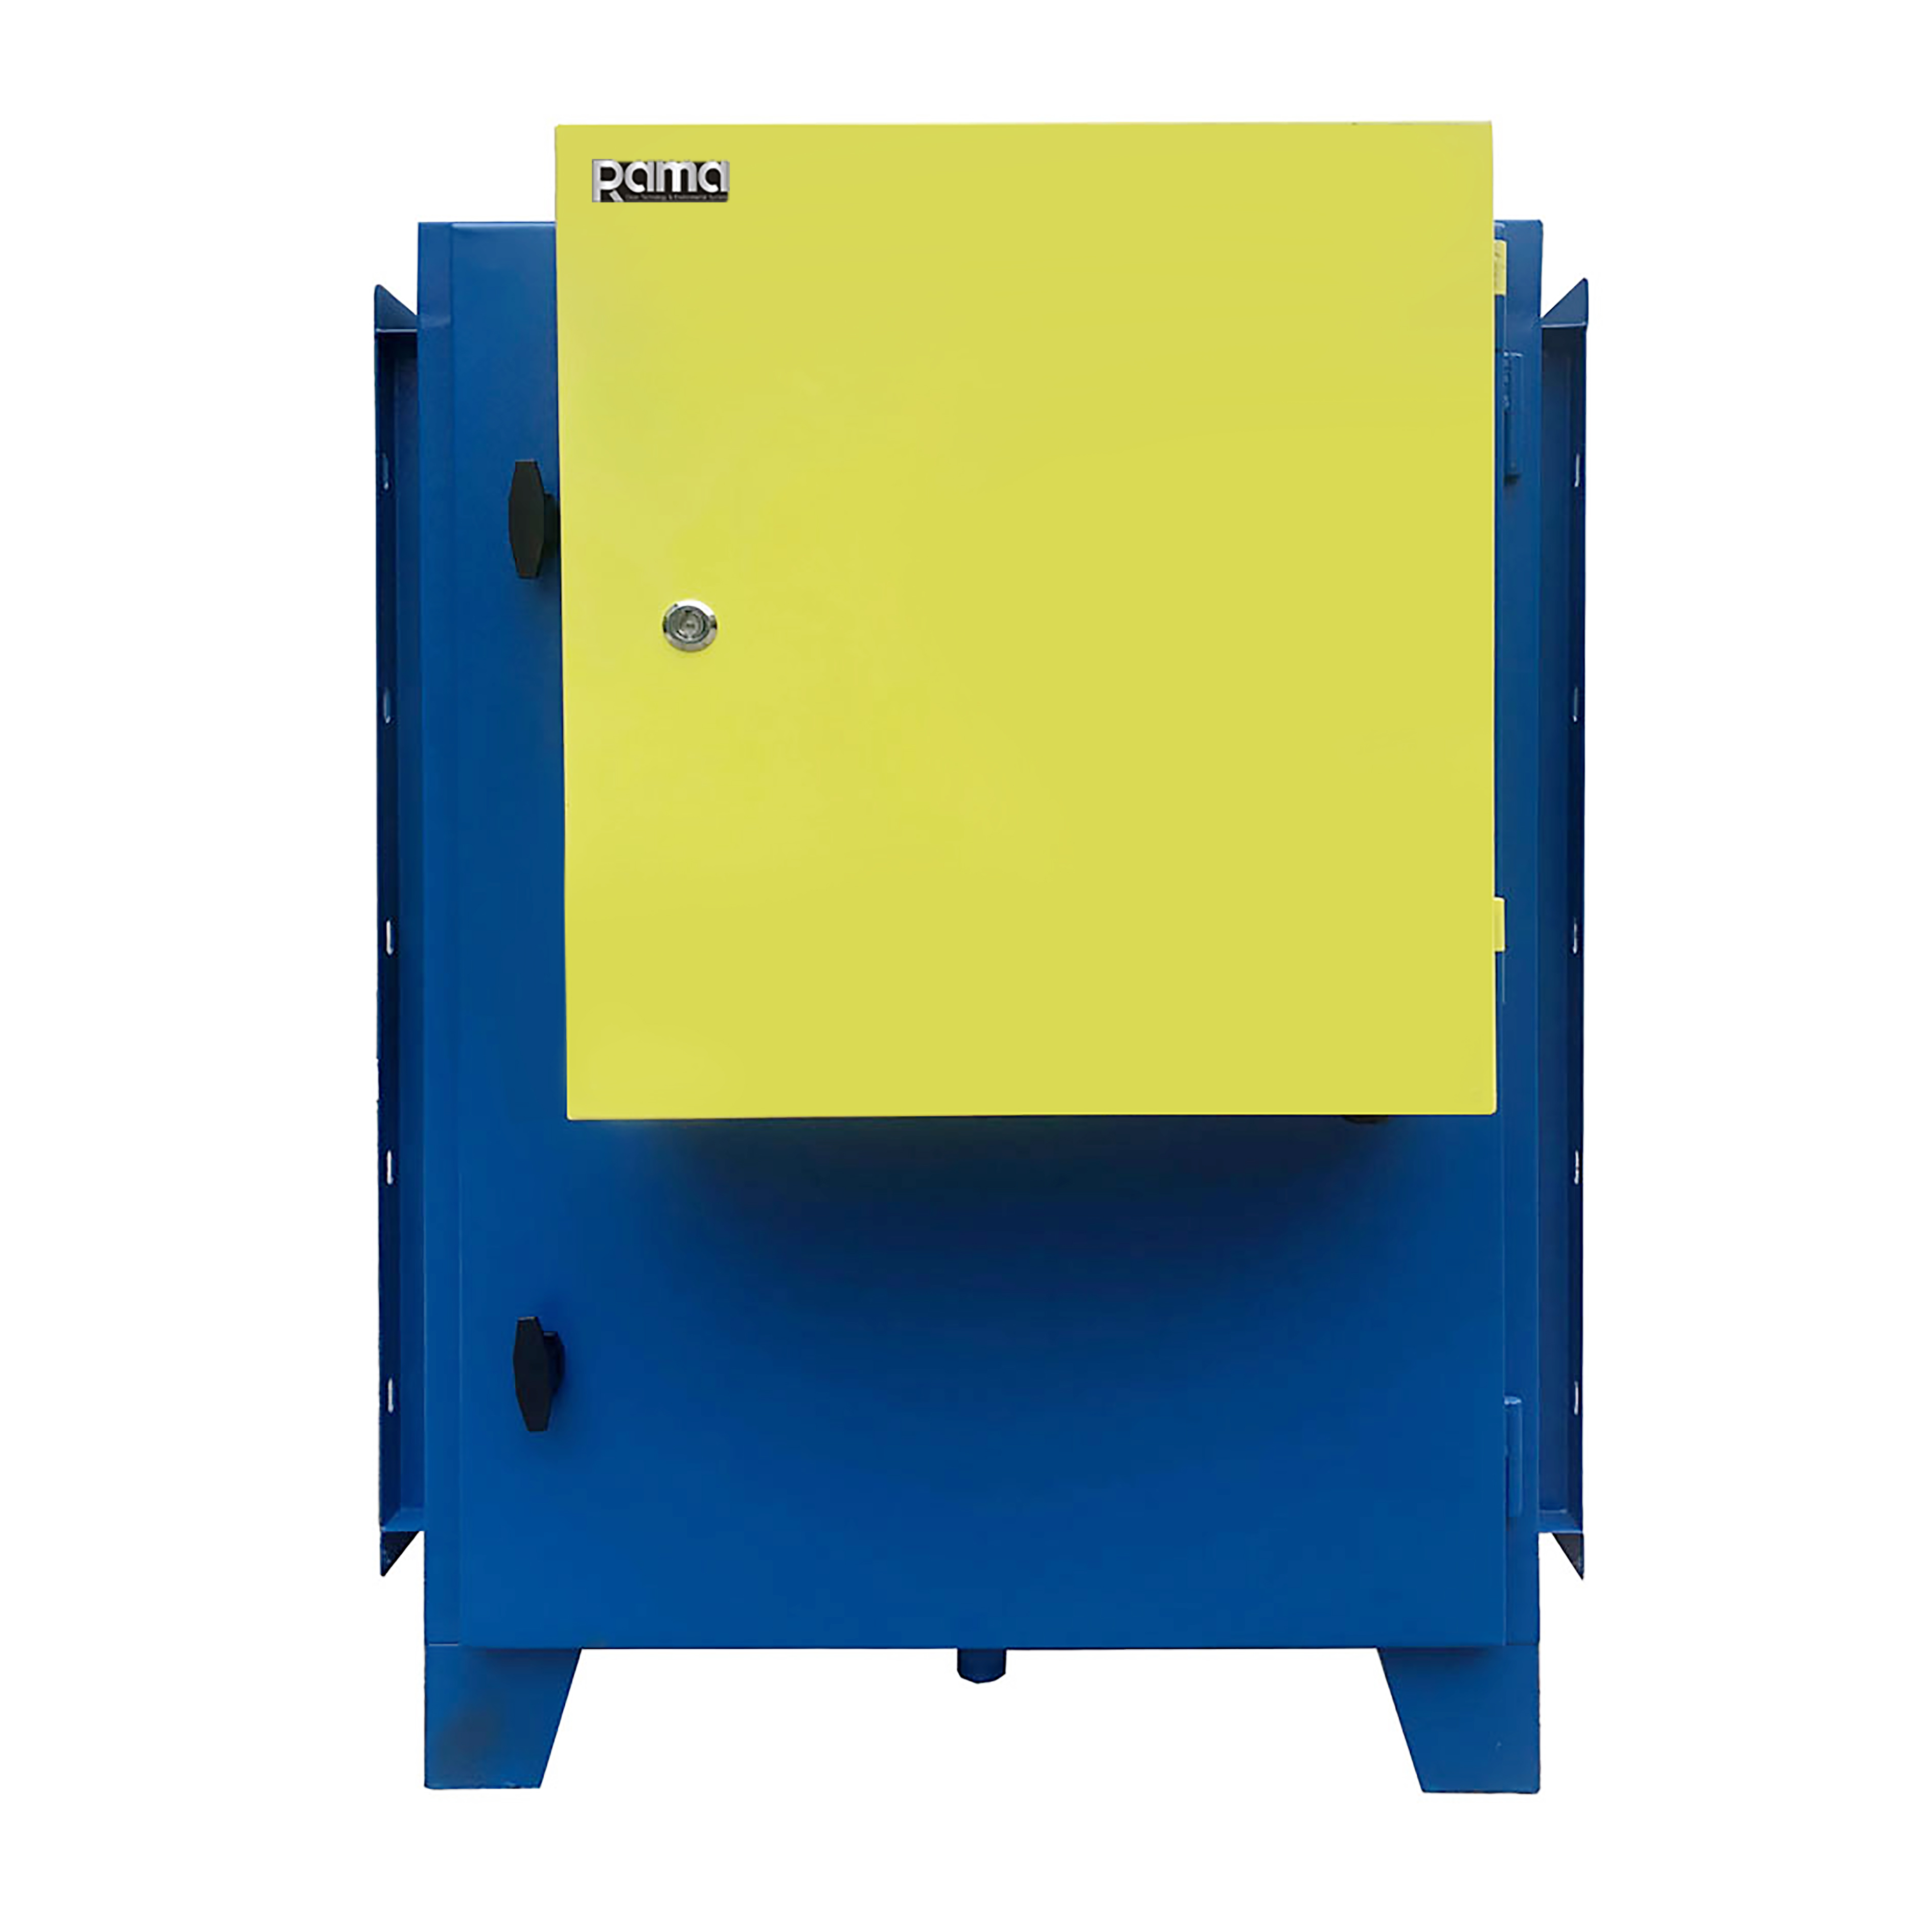 Máy lọc bụi tĩnh điện công nghiệp 8000m3/h Rama R8000 - Hàng Chính Hãng